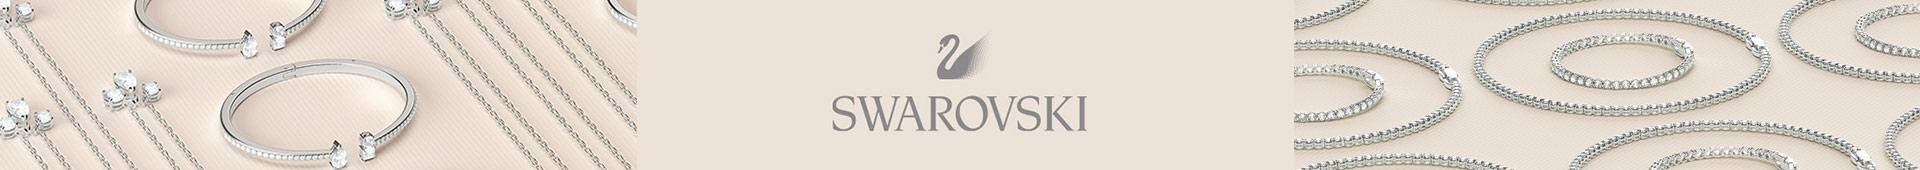 Swarovski Activity Tracker